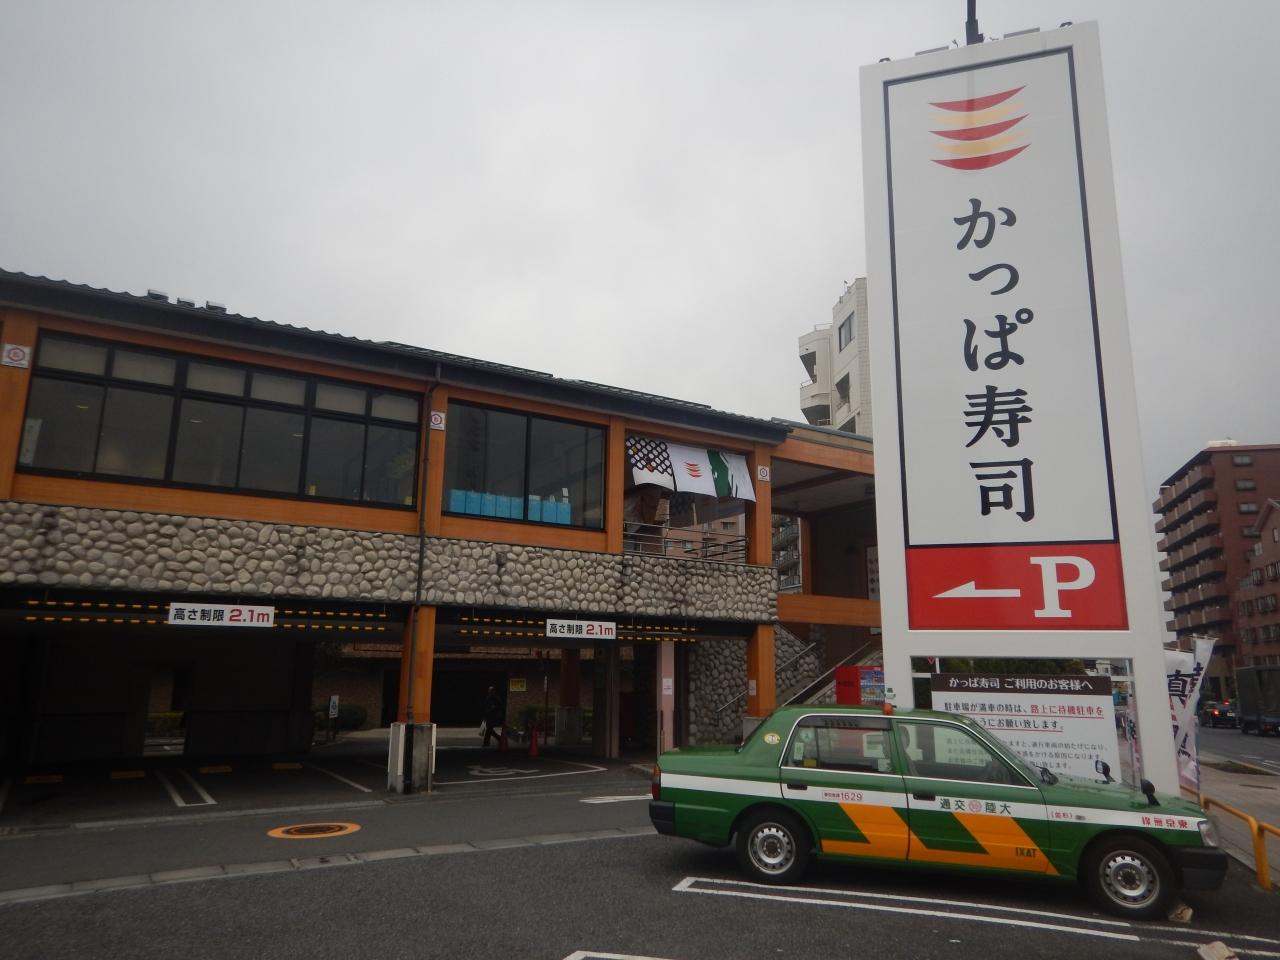 川越街道に面した店